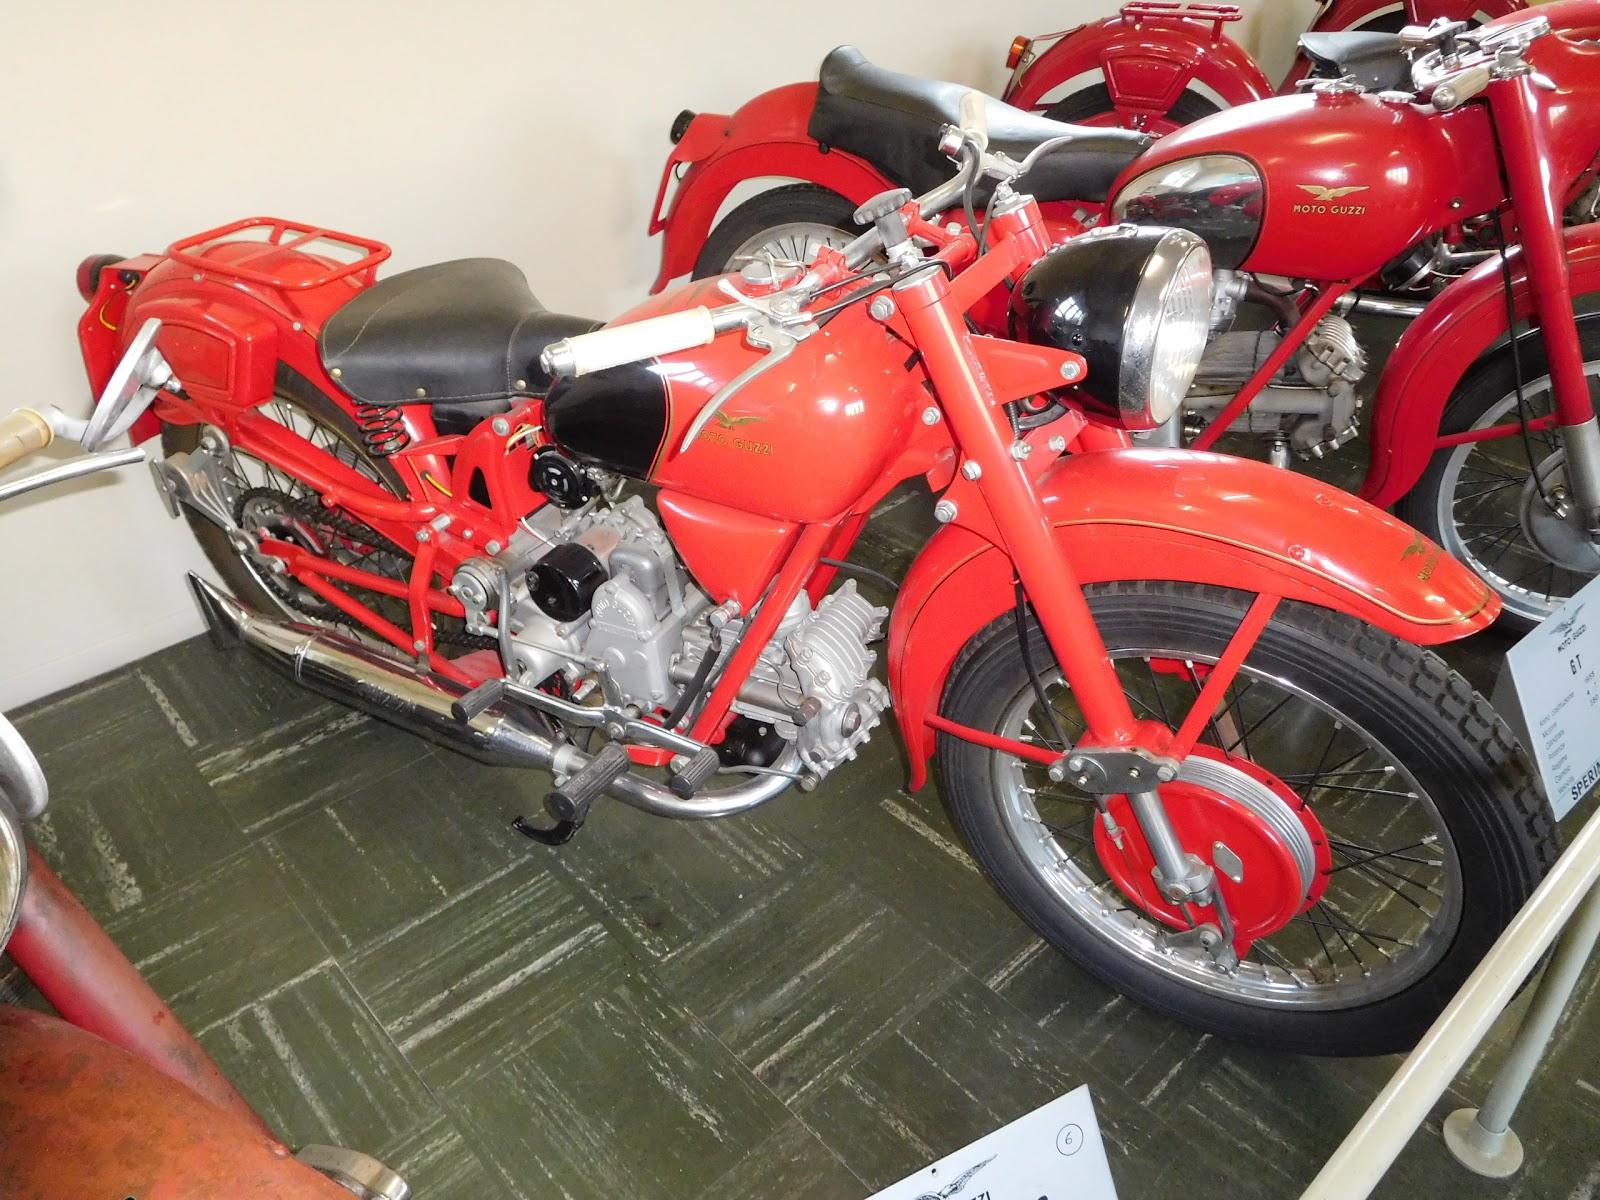 Tigho NYDucati: 1952-58 Moto Guzzi Airone Turismo